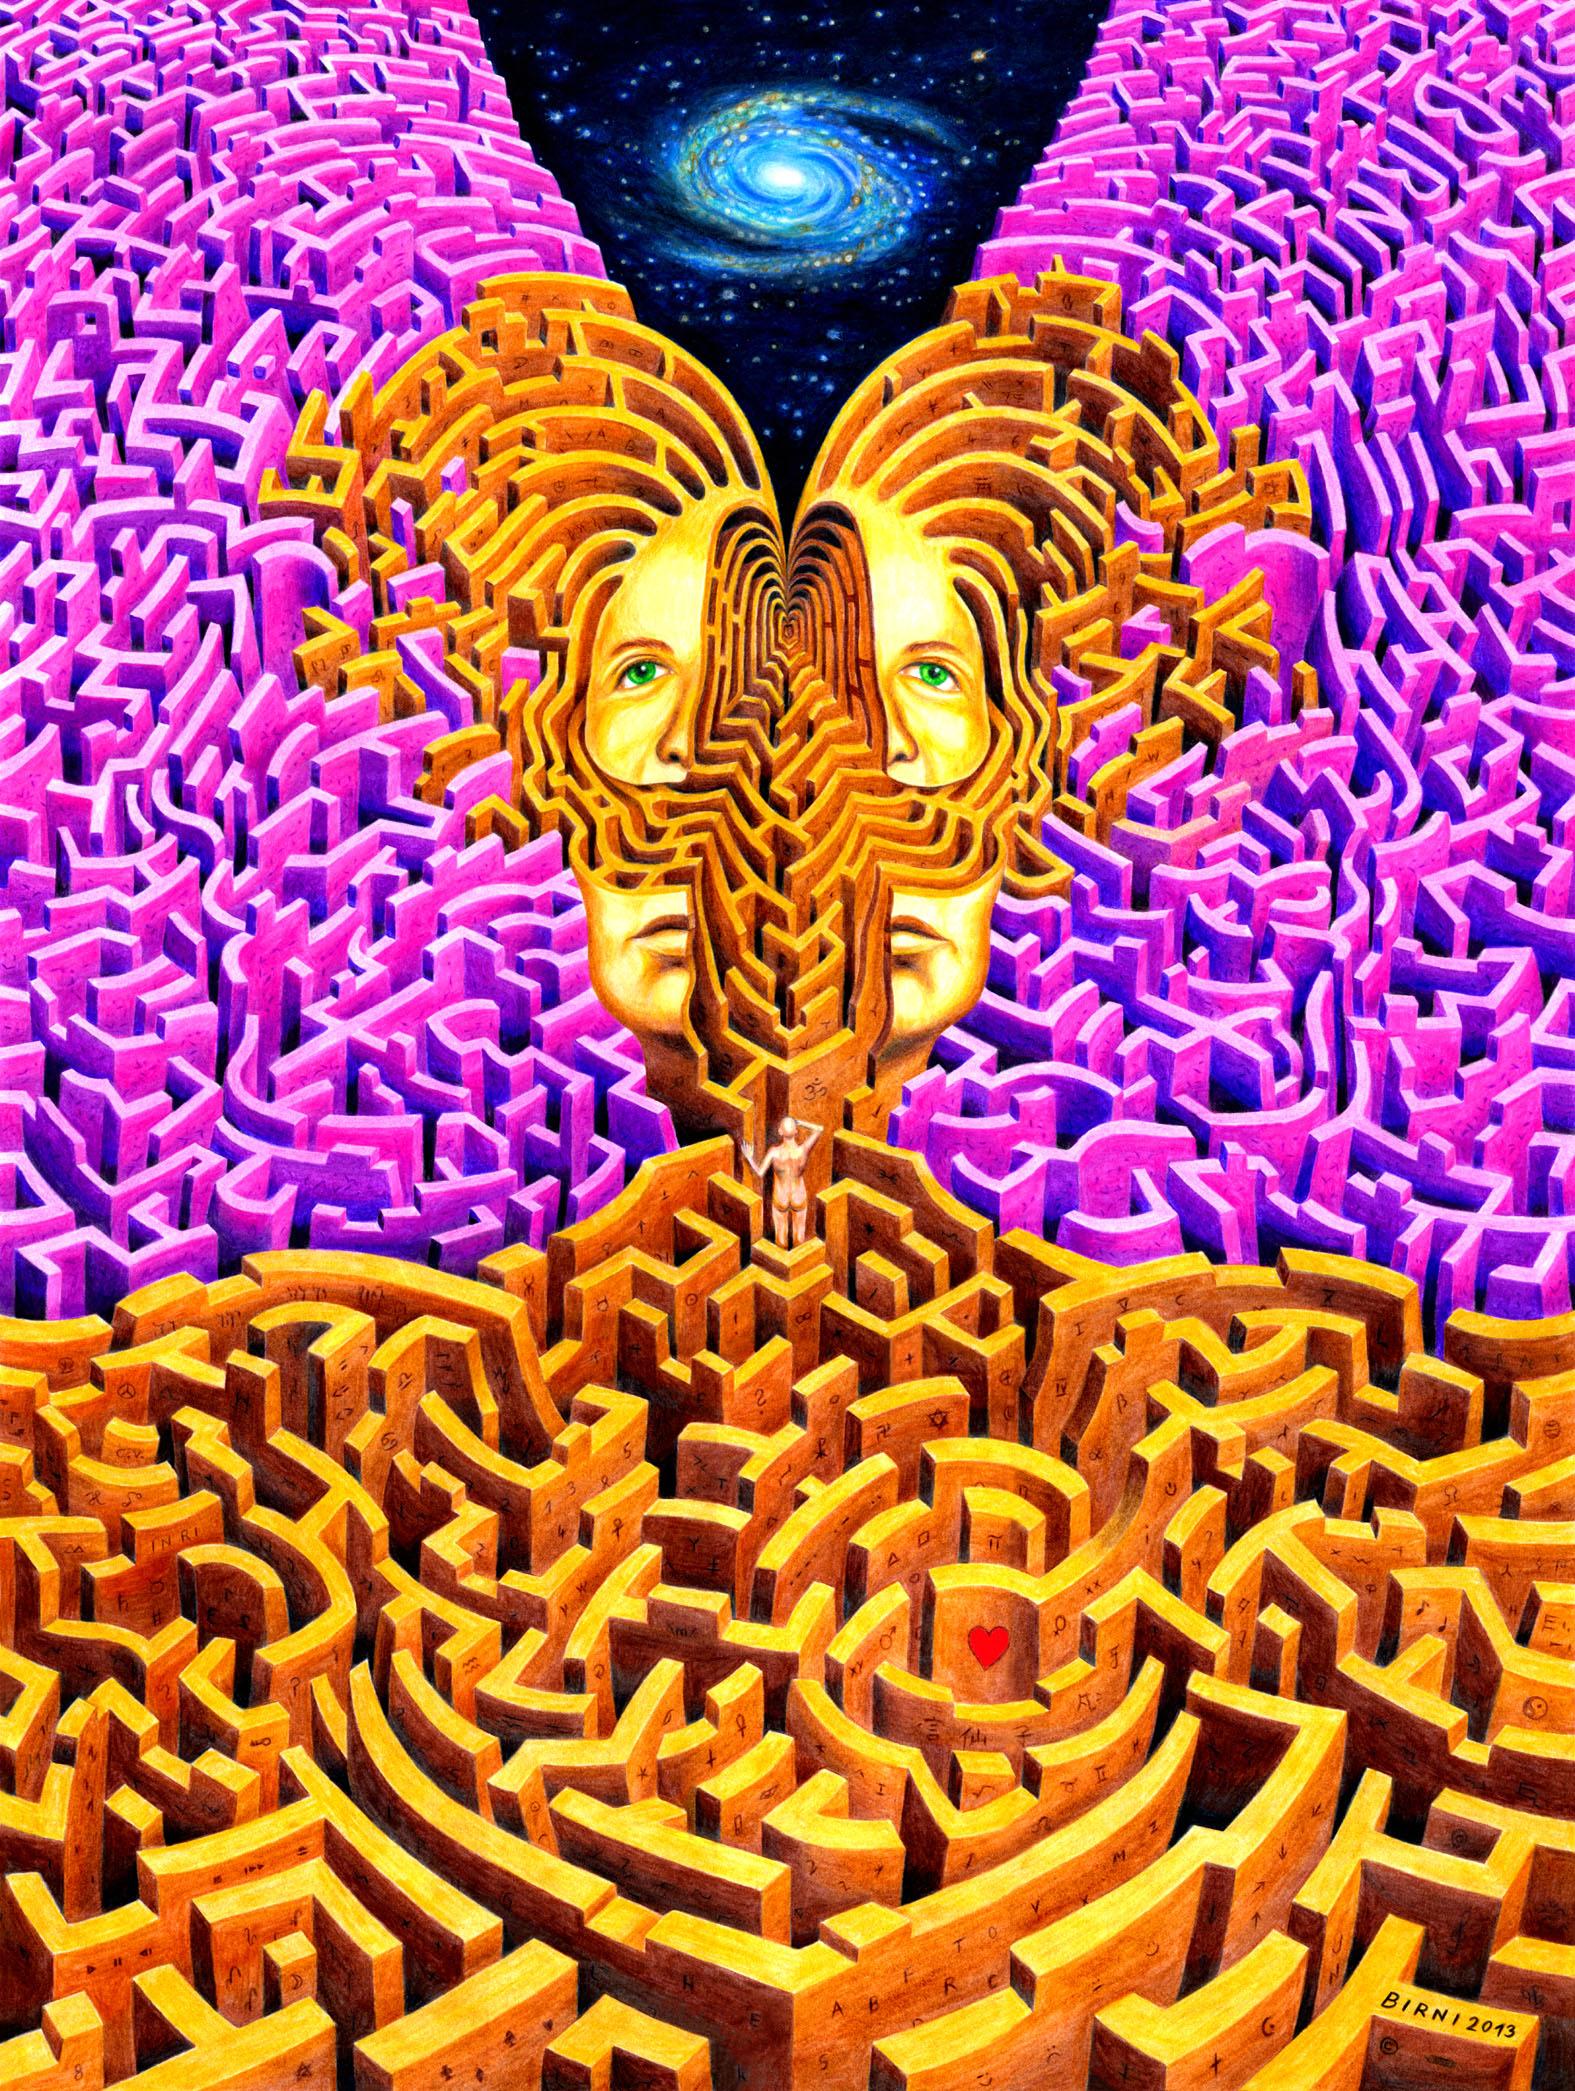 03 - Michael Birnstingl, Labyrinth der Erkenntnis, Buntstifte